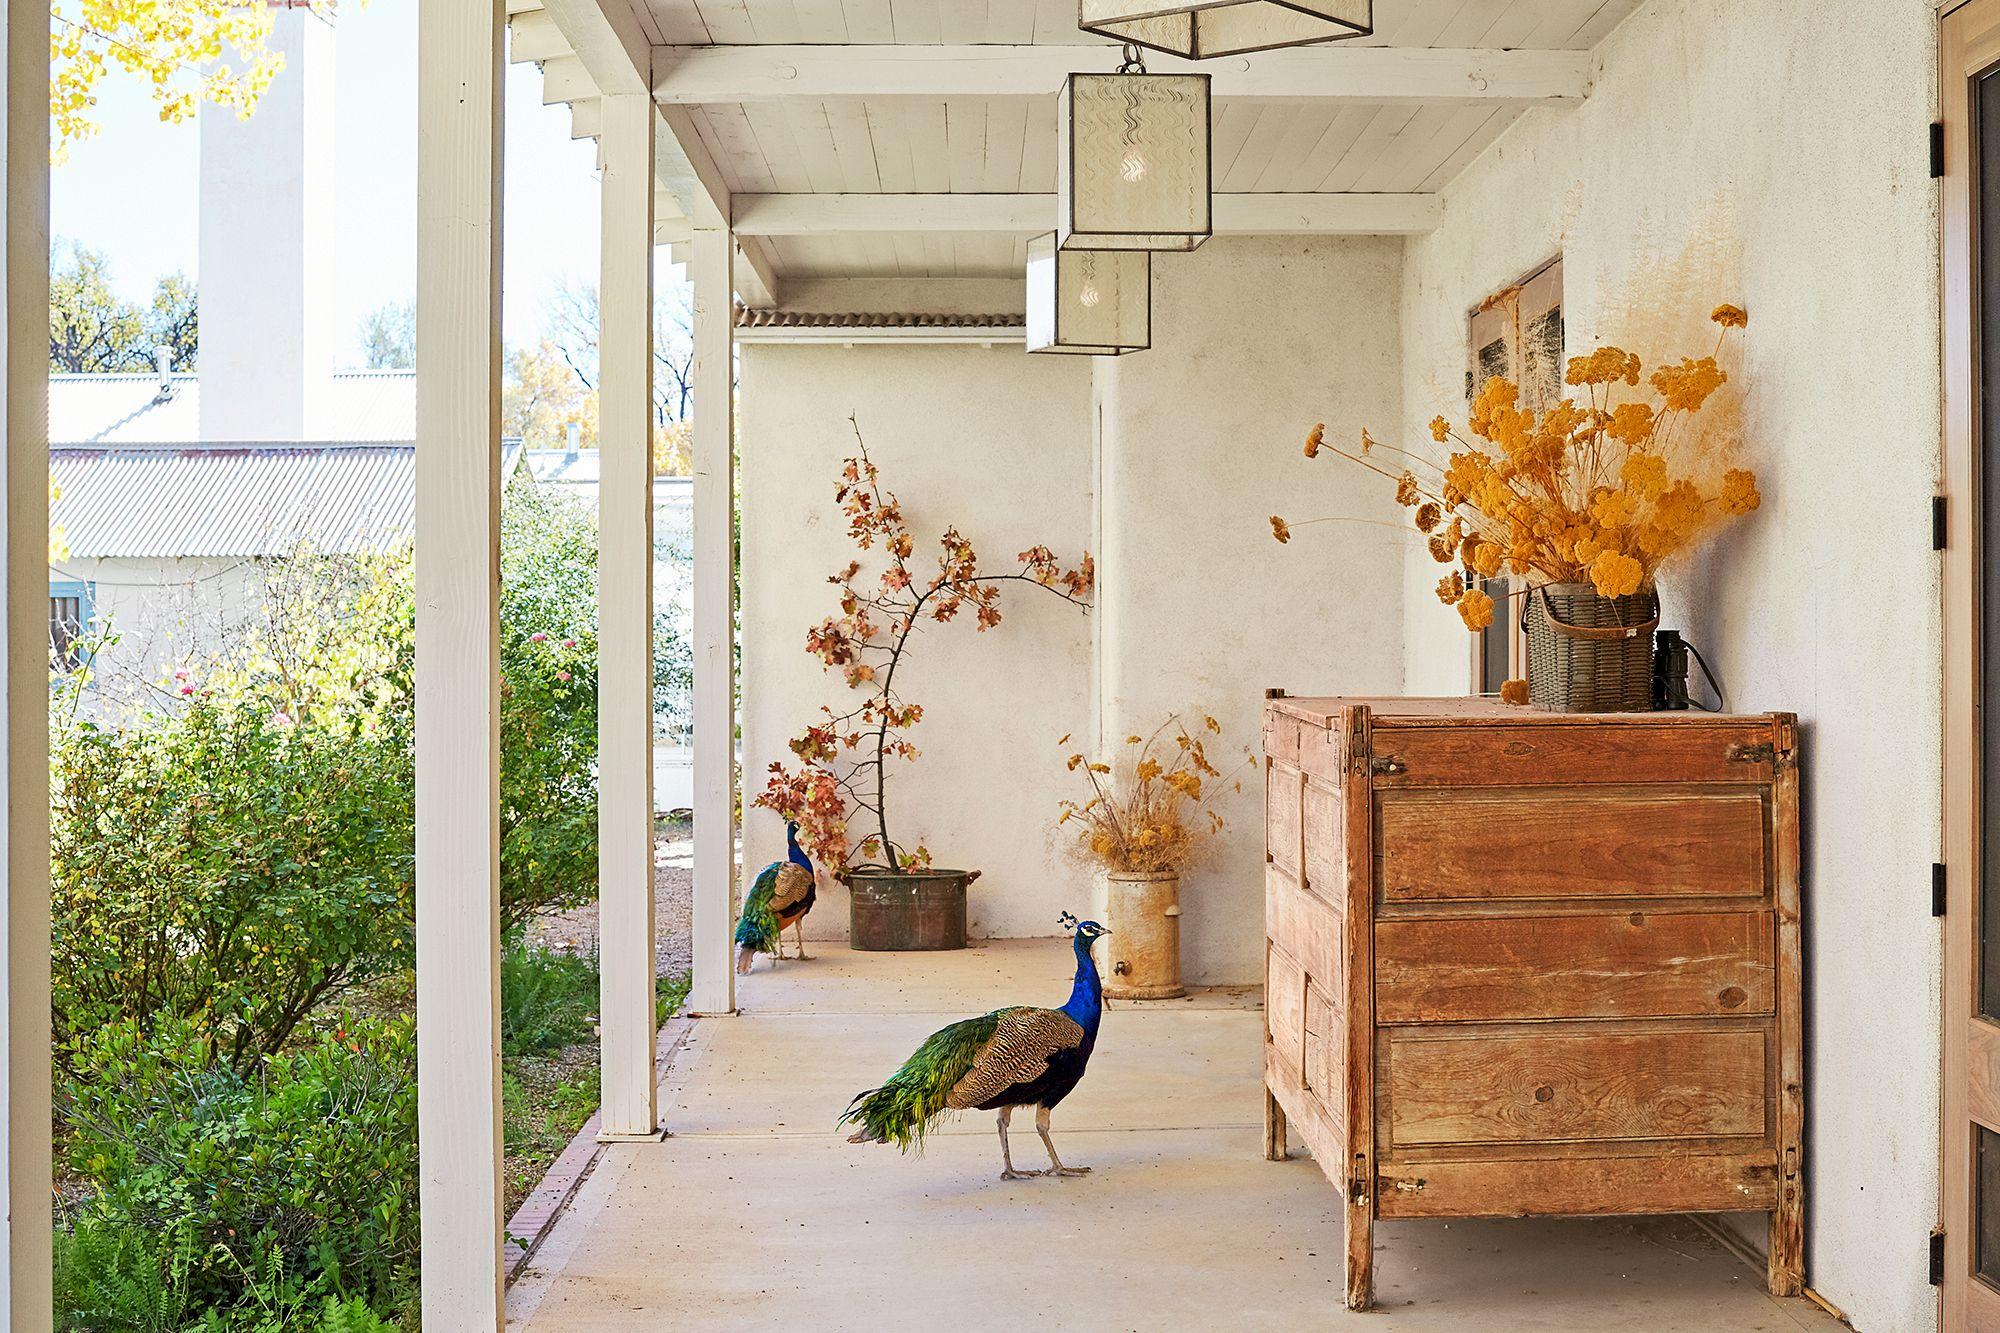 33 Fall Porch Decor Ideas - Best Autumn Front Porch Decorations